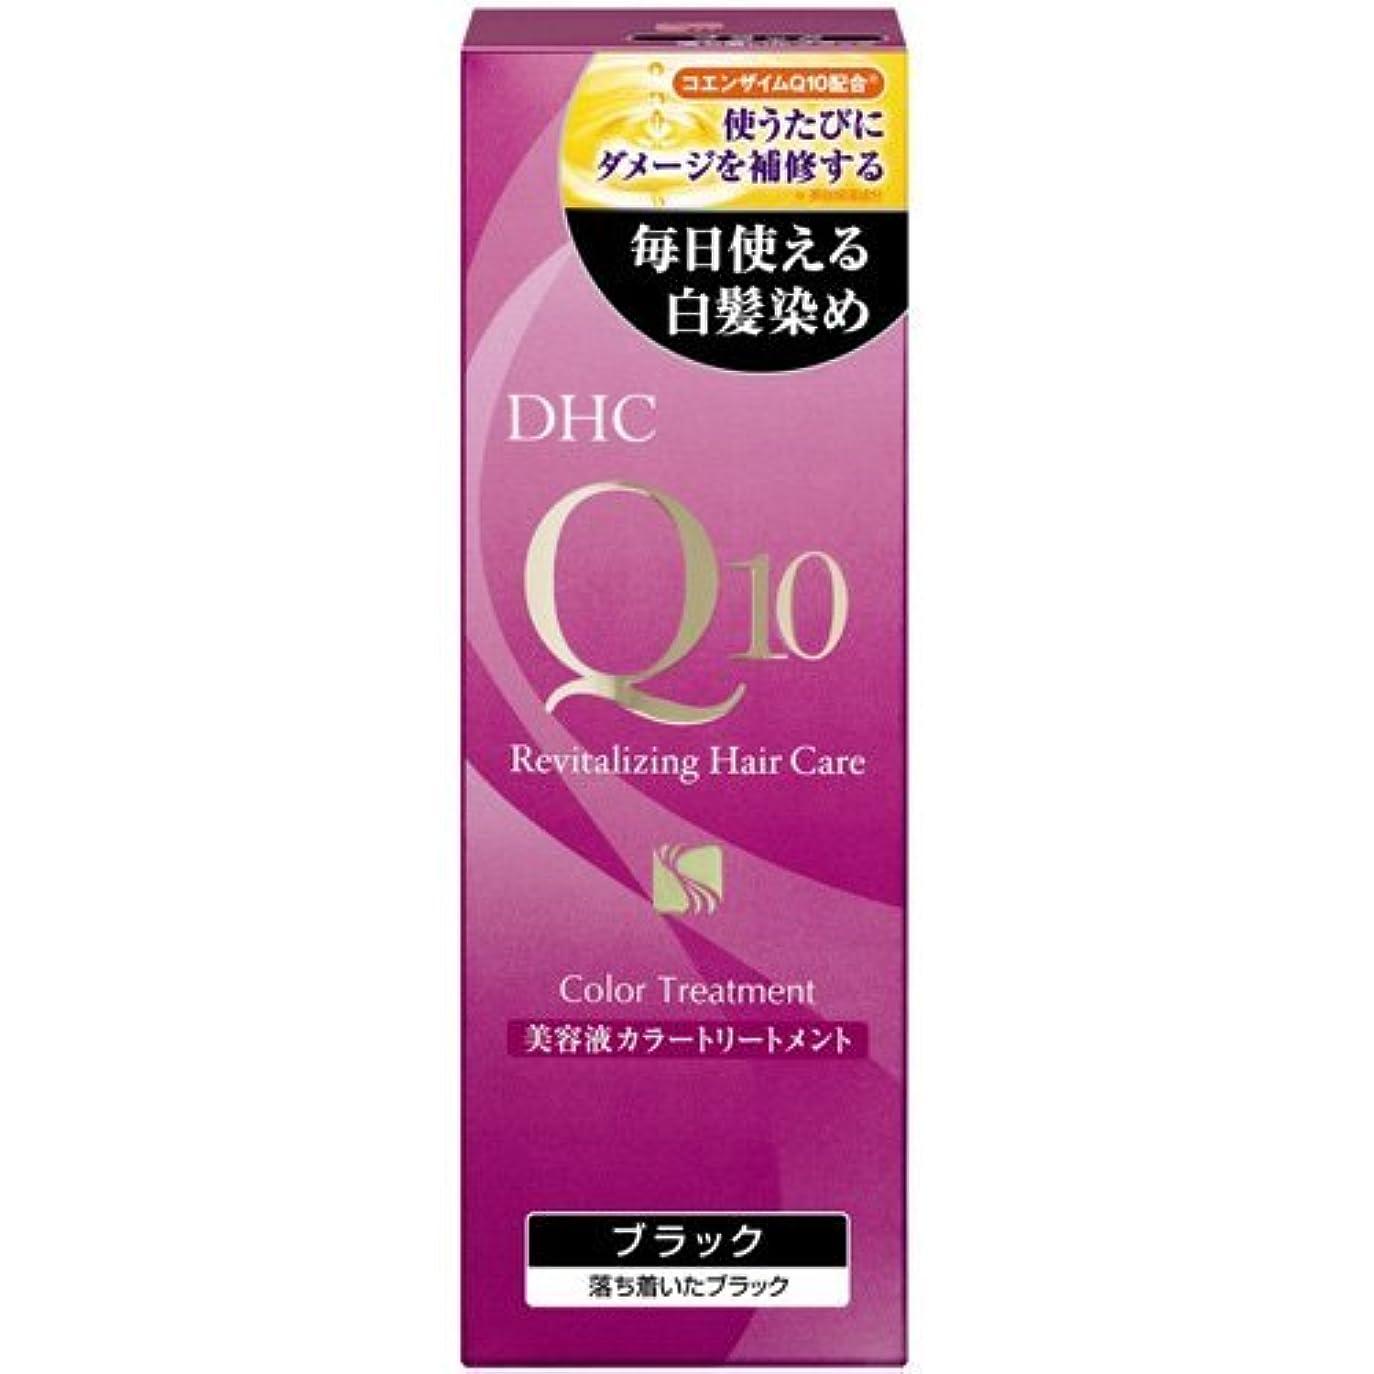 構成員空いている端末【まとめ買い】DHC Q10美溶液カラートリートメントブラックSS170g ×7個